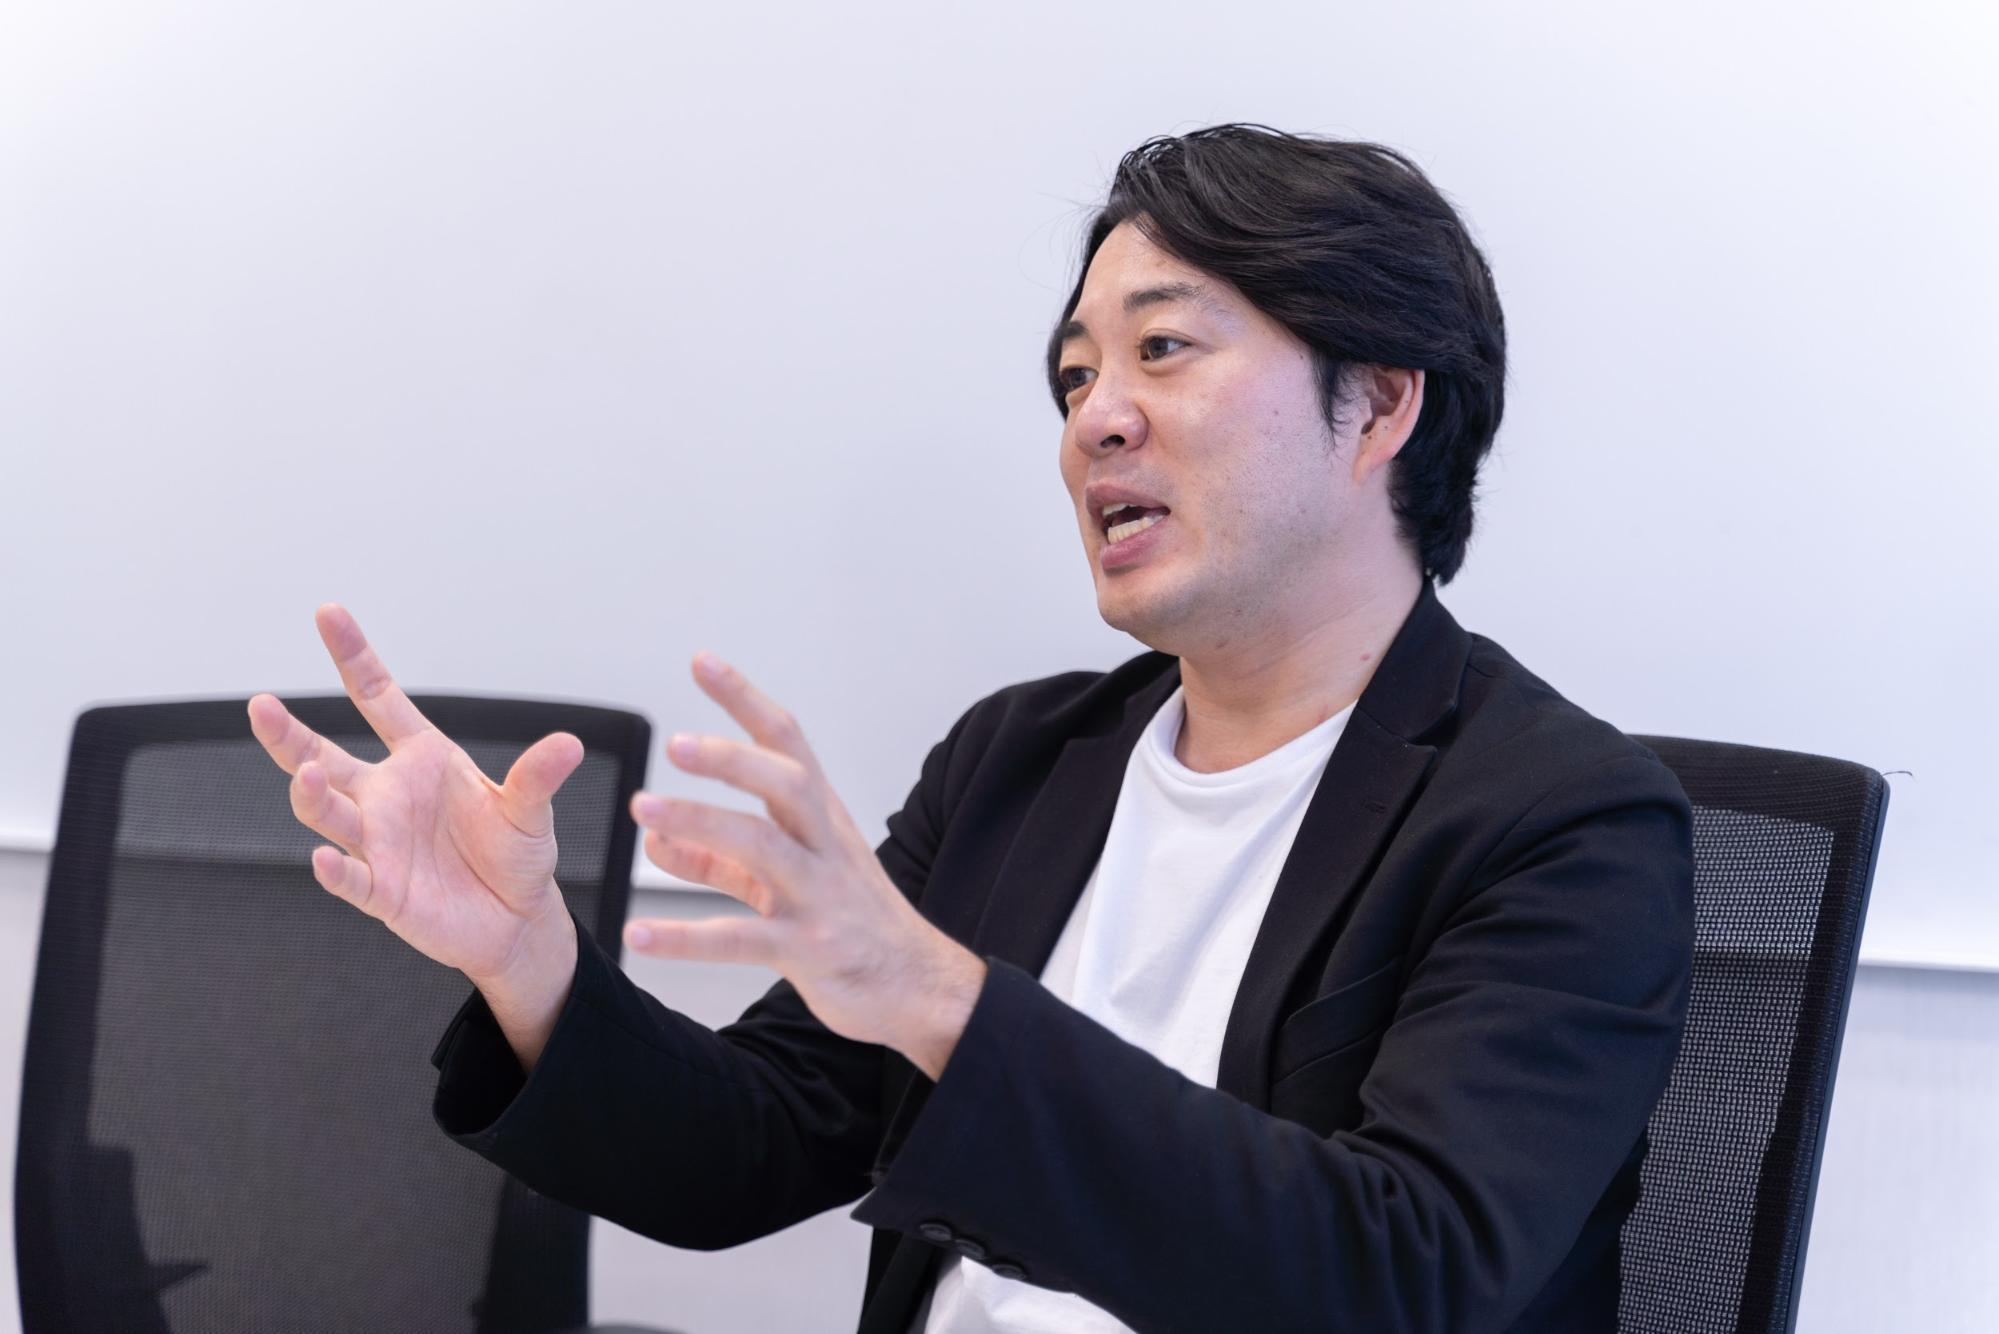 """【麻野耕司】HR Techを牽引する事業開発者は、いかにして""""人と人を紡ぐプロ""""になったのか"""